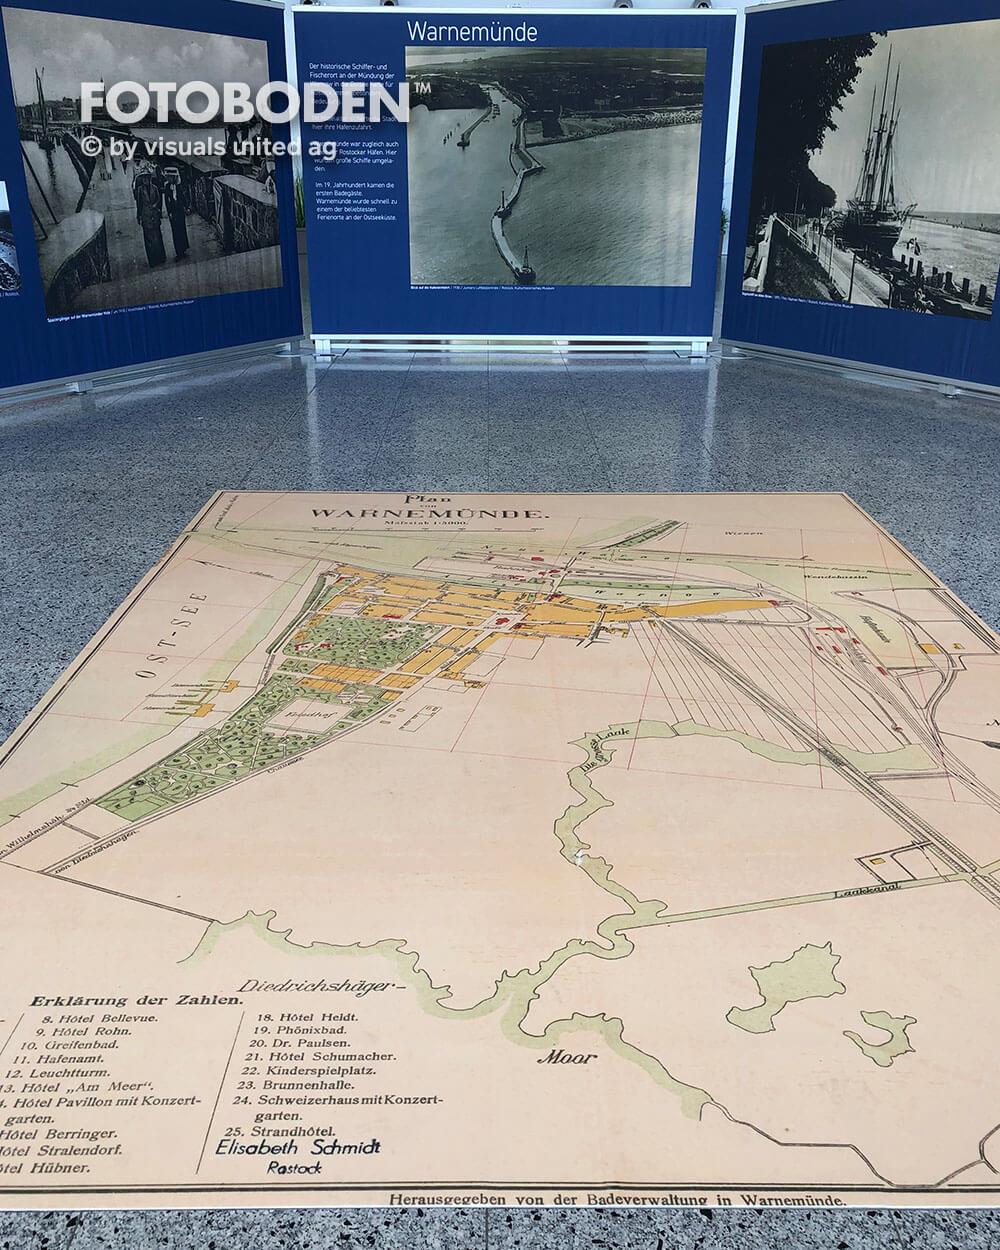 Landkarte auf dem Boden